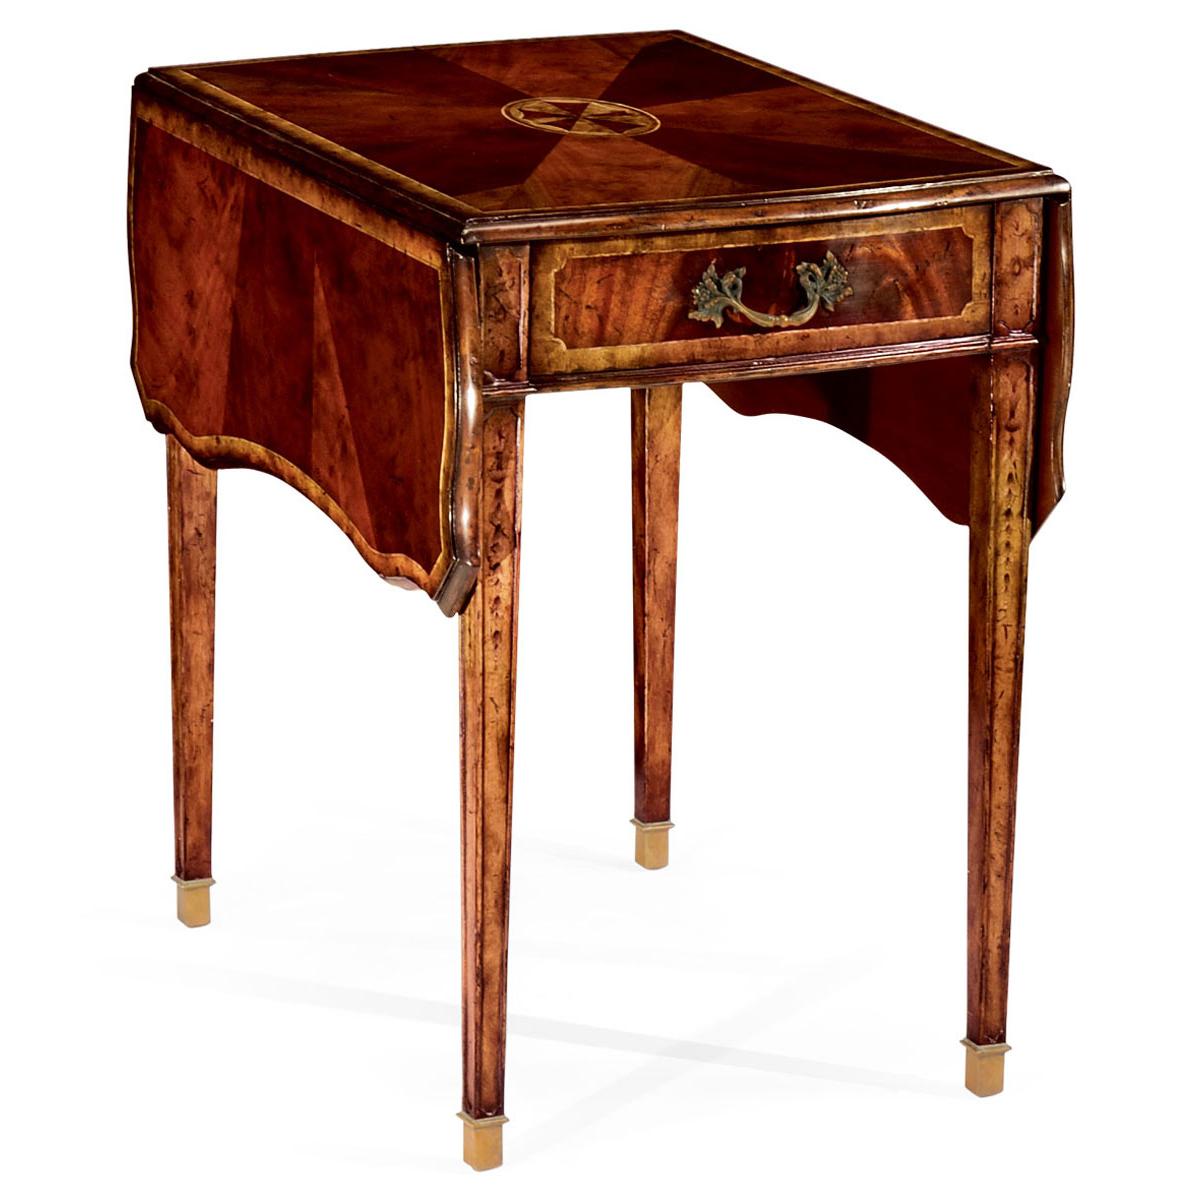 492603 Regency mahogany pembroke table - на 360.ru: цены, описание, характеристики, где купить в Москве.